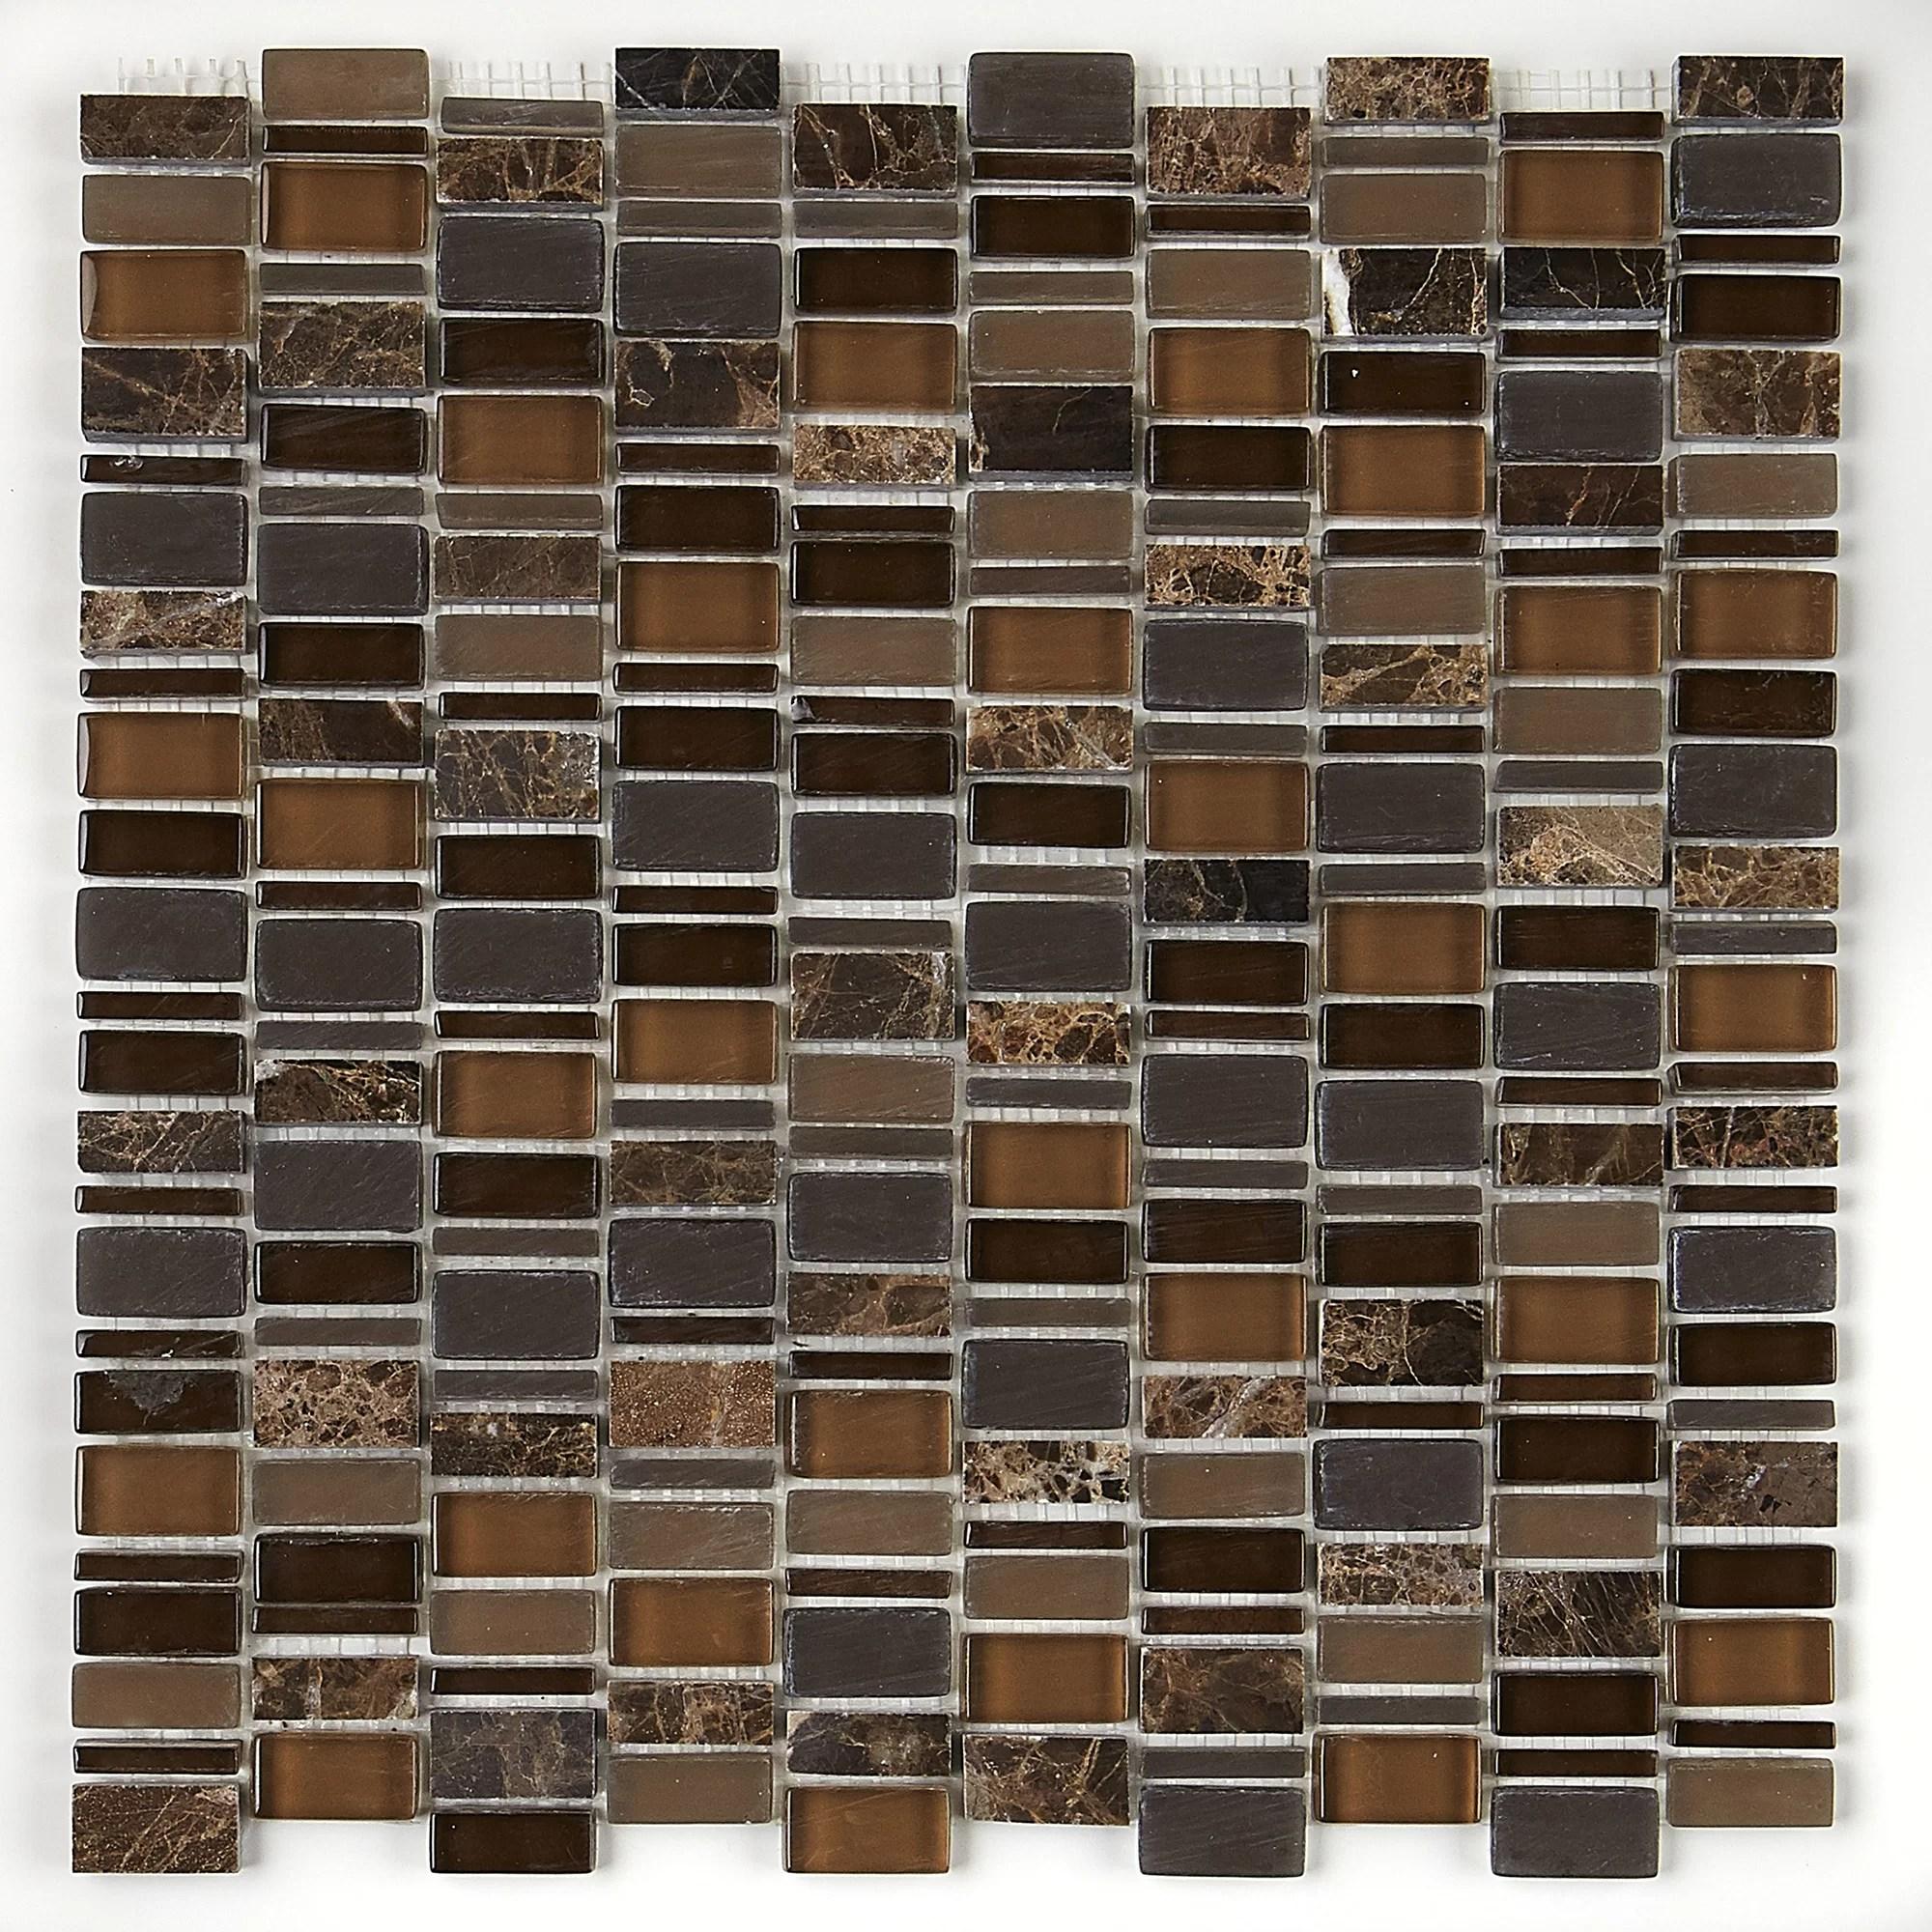 clio daltile 1 x 1 glass mosaic tile